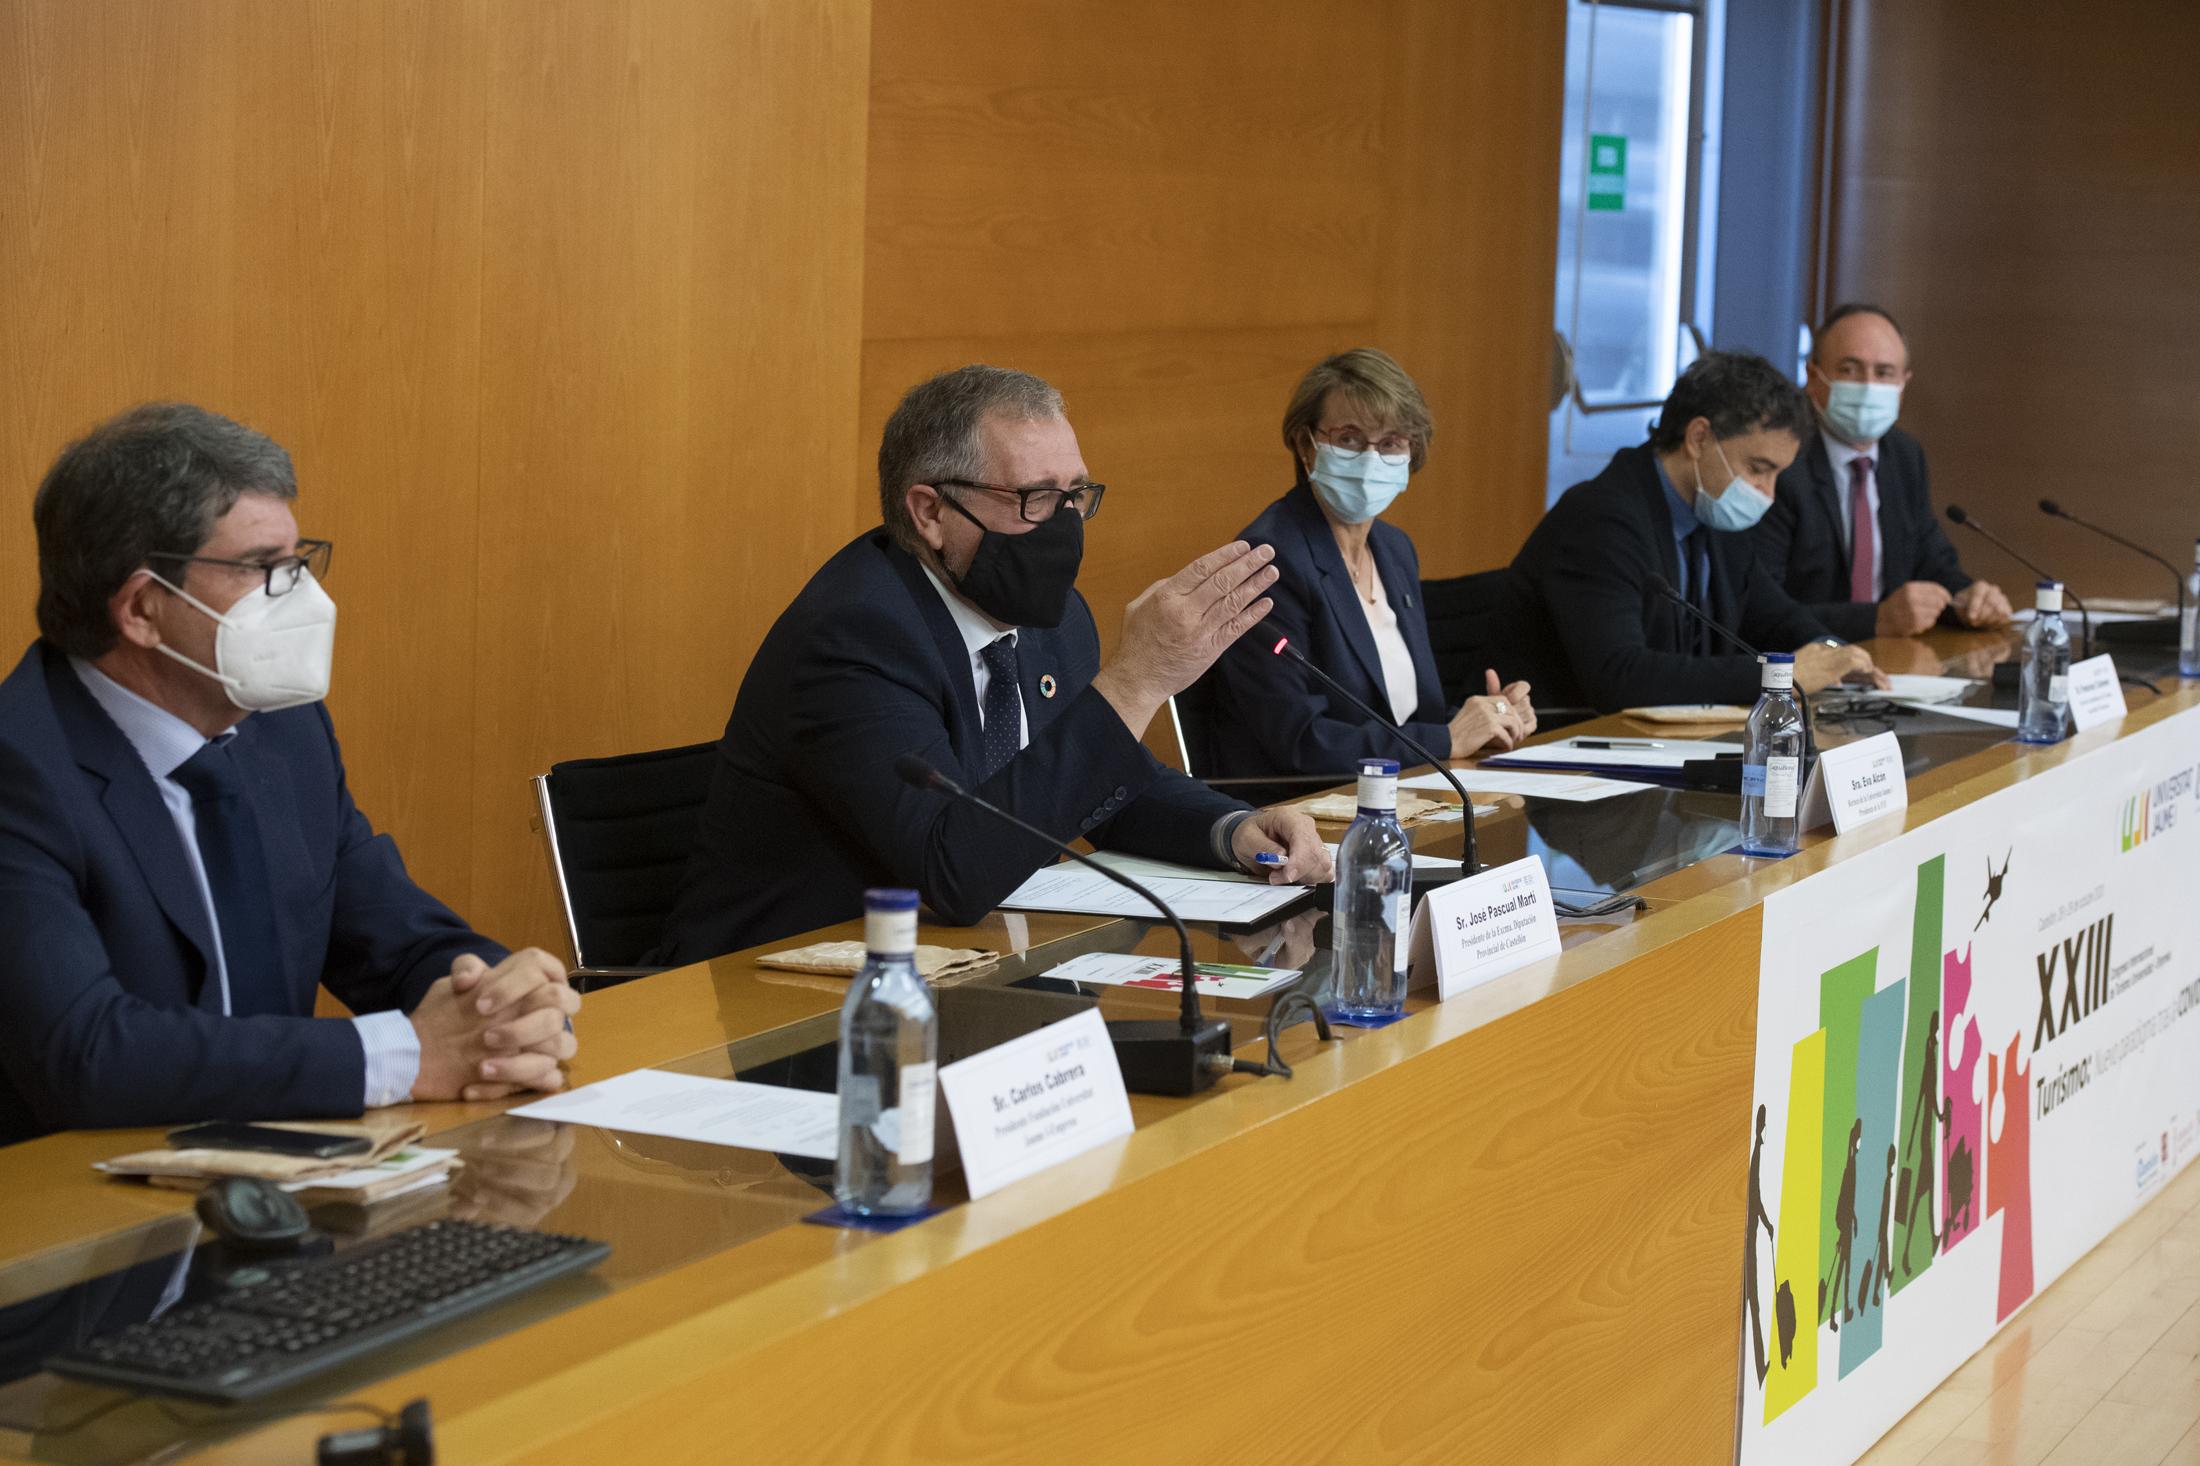 José Martí explica que Castellón Senior está preparado para retomar los viajes en primavera si la evolución de la pandemia lo permite